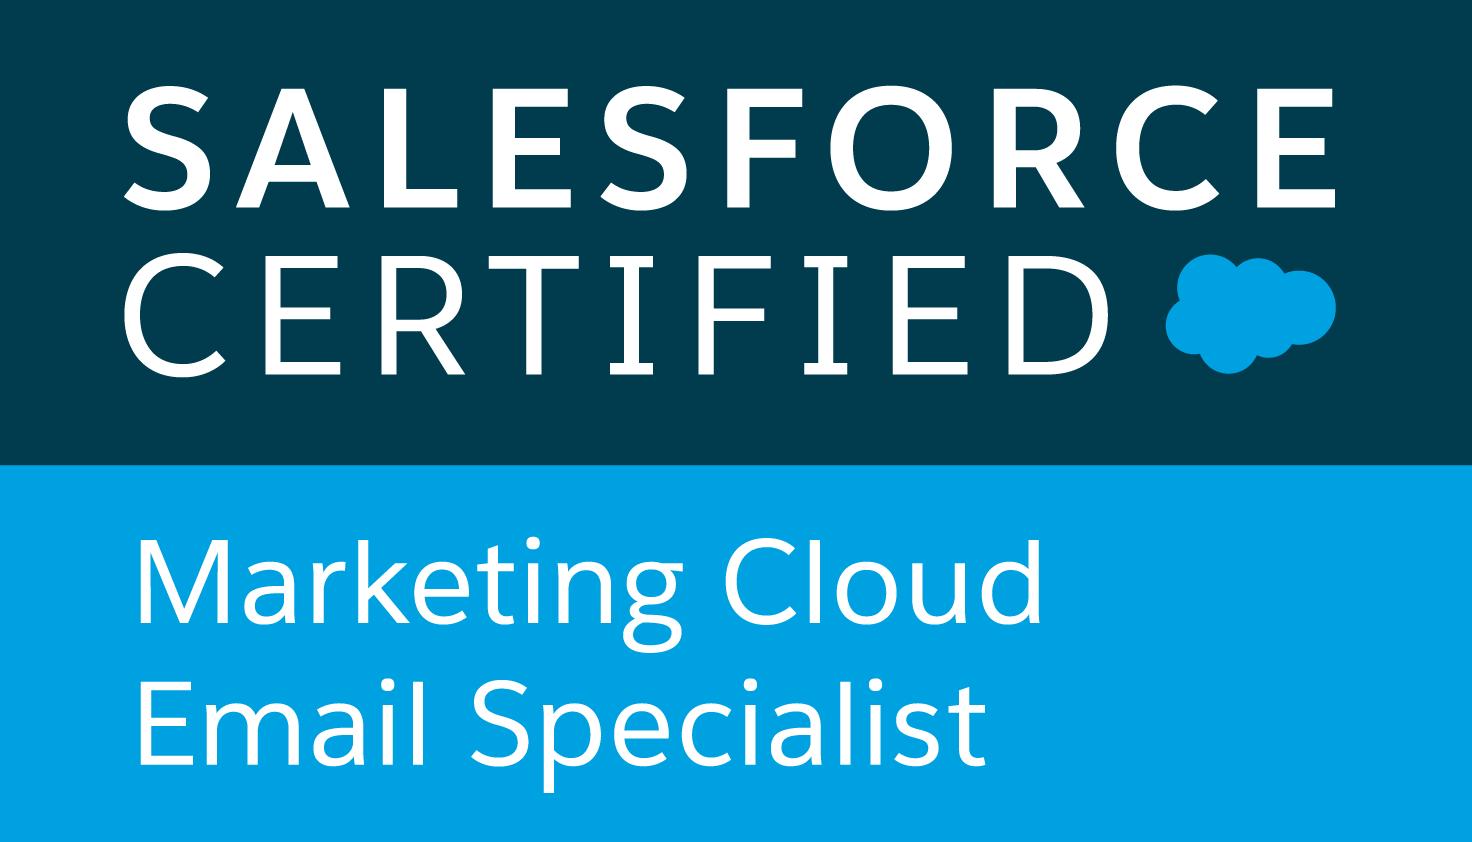 Salesforce Certified Marketing Cloud